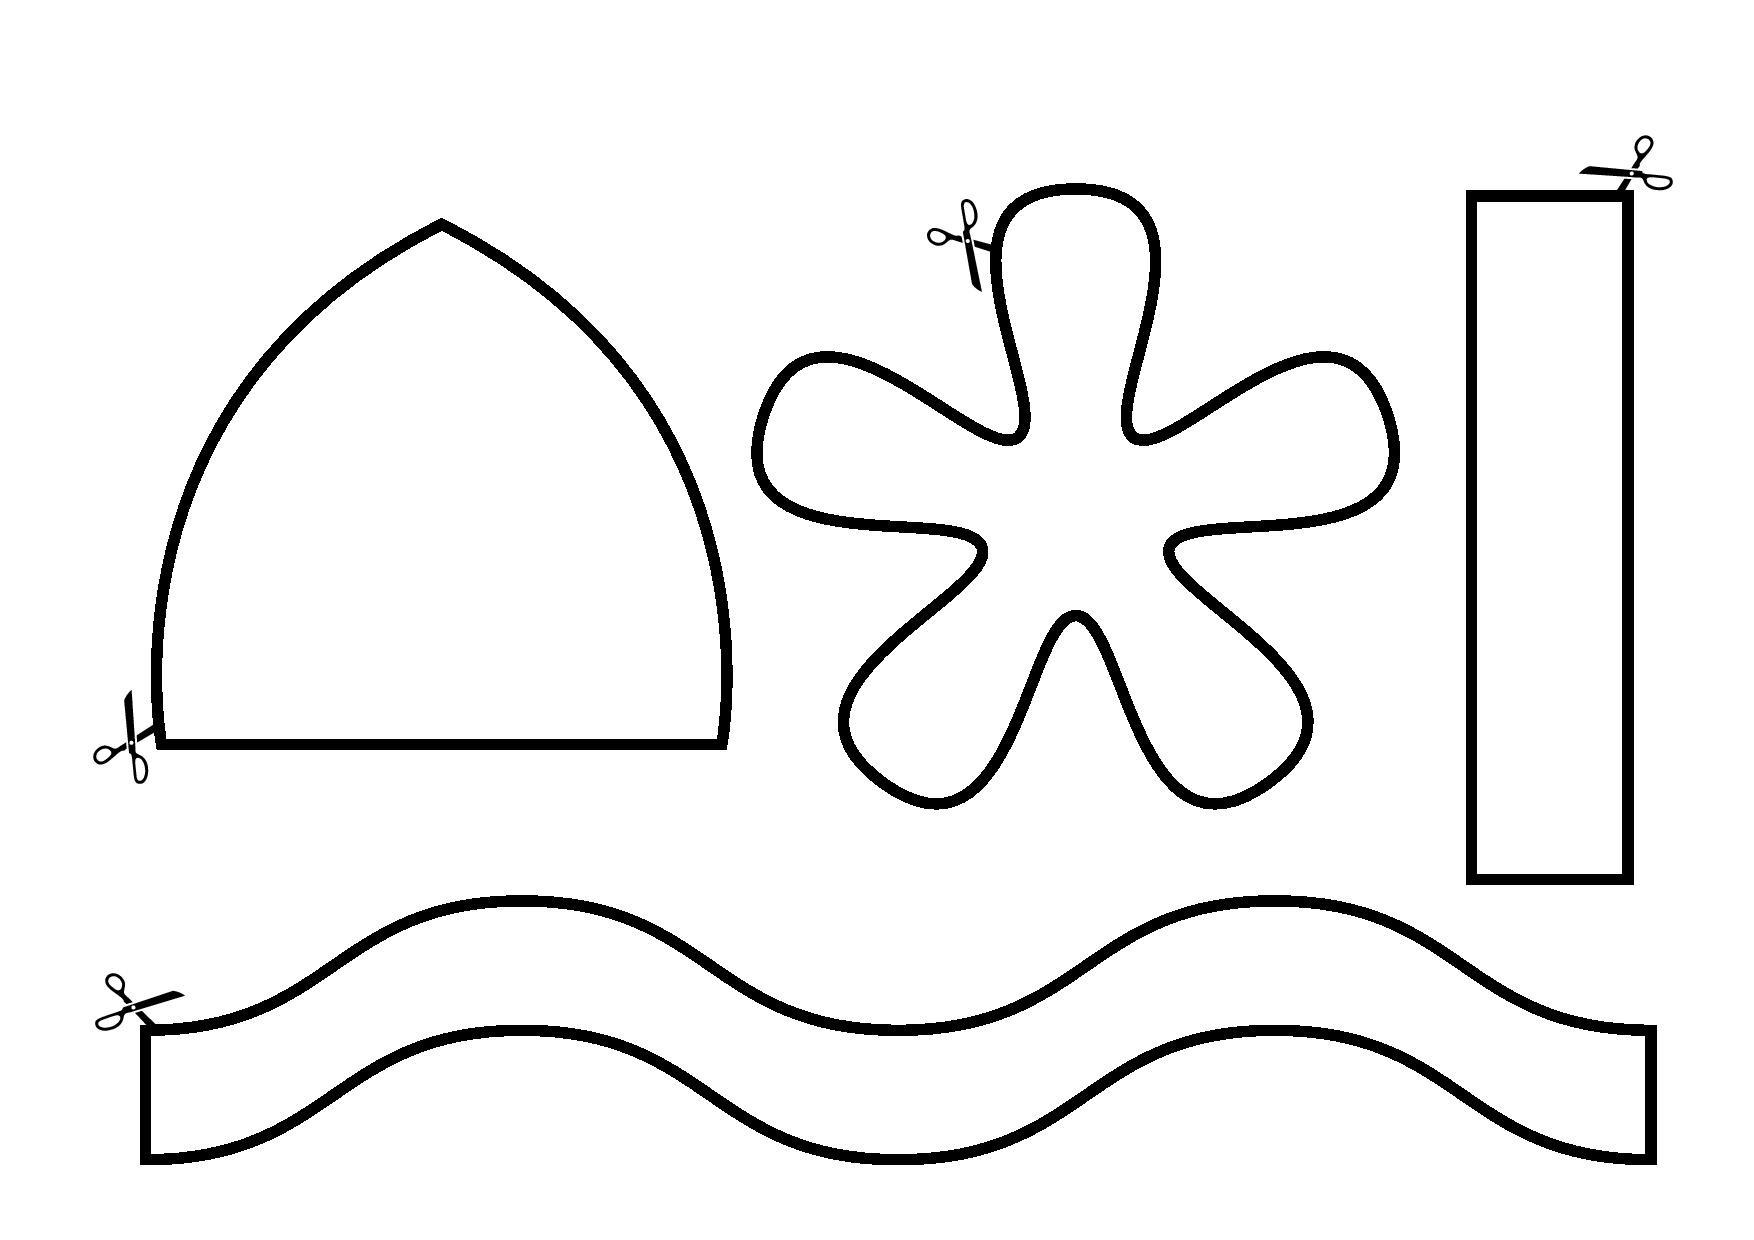 anasınıfı_geometrik_şekiller_kesme_çalışmaları_makas